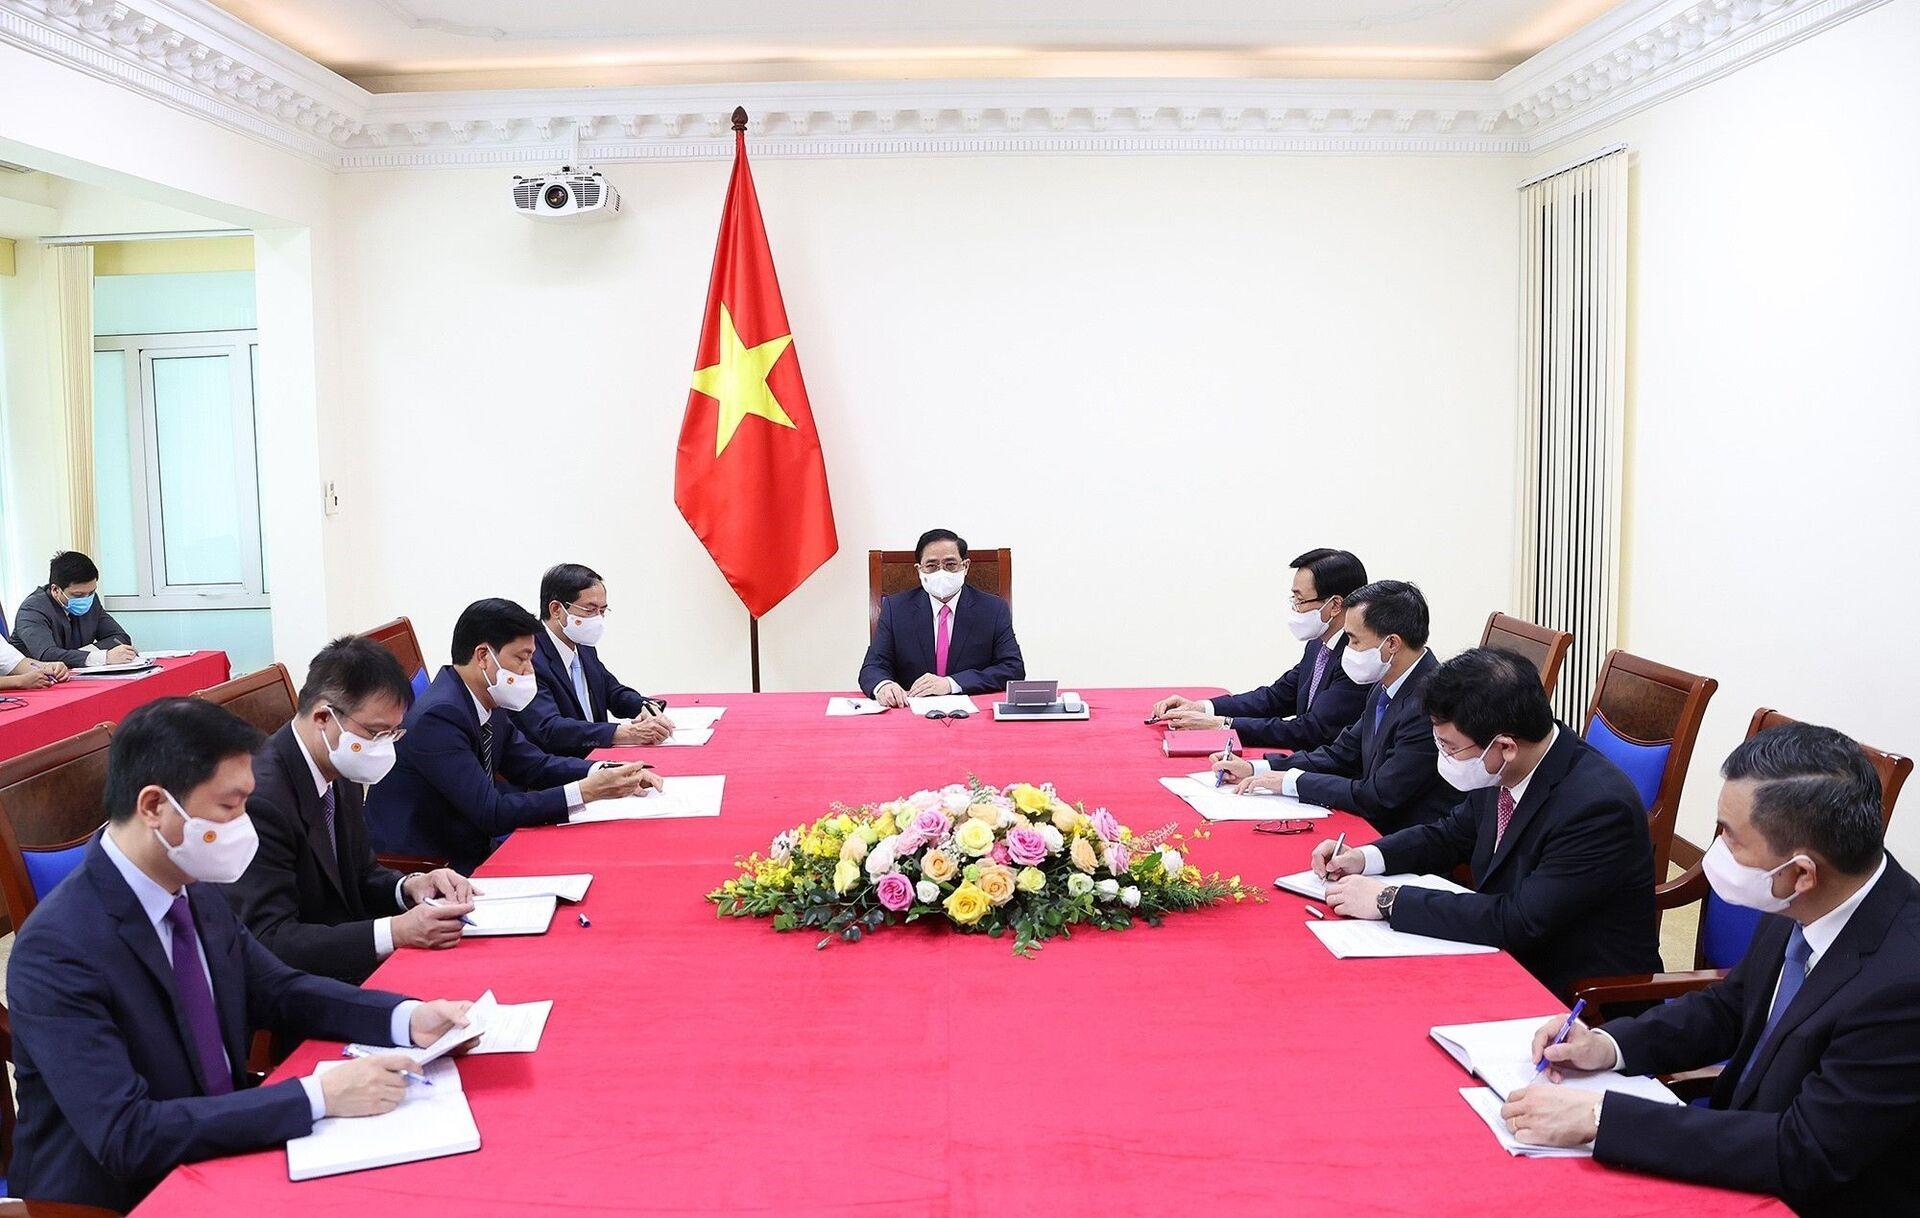 Thủ tướng Việt Nam thẳng thắn 'nhờ Nhật Bản' giúp đỡ: Tính mạng người dân là vô giá - Sputnik Việt Nam, 1920, 18.05.2021